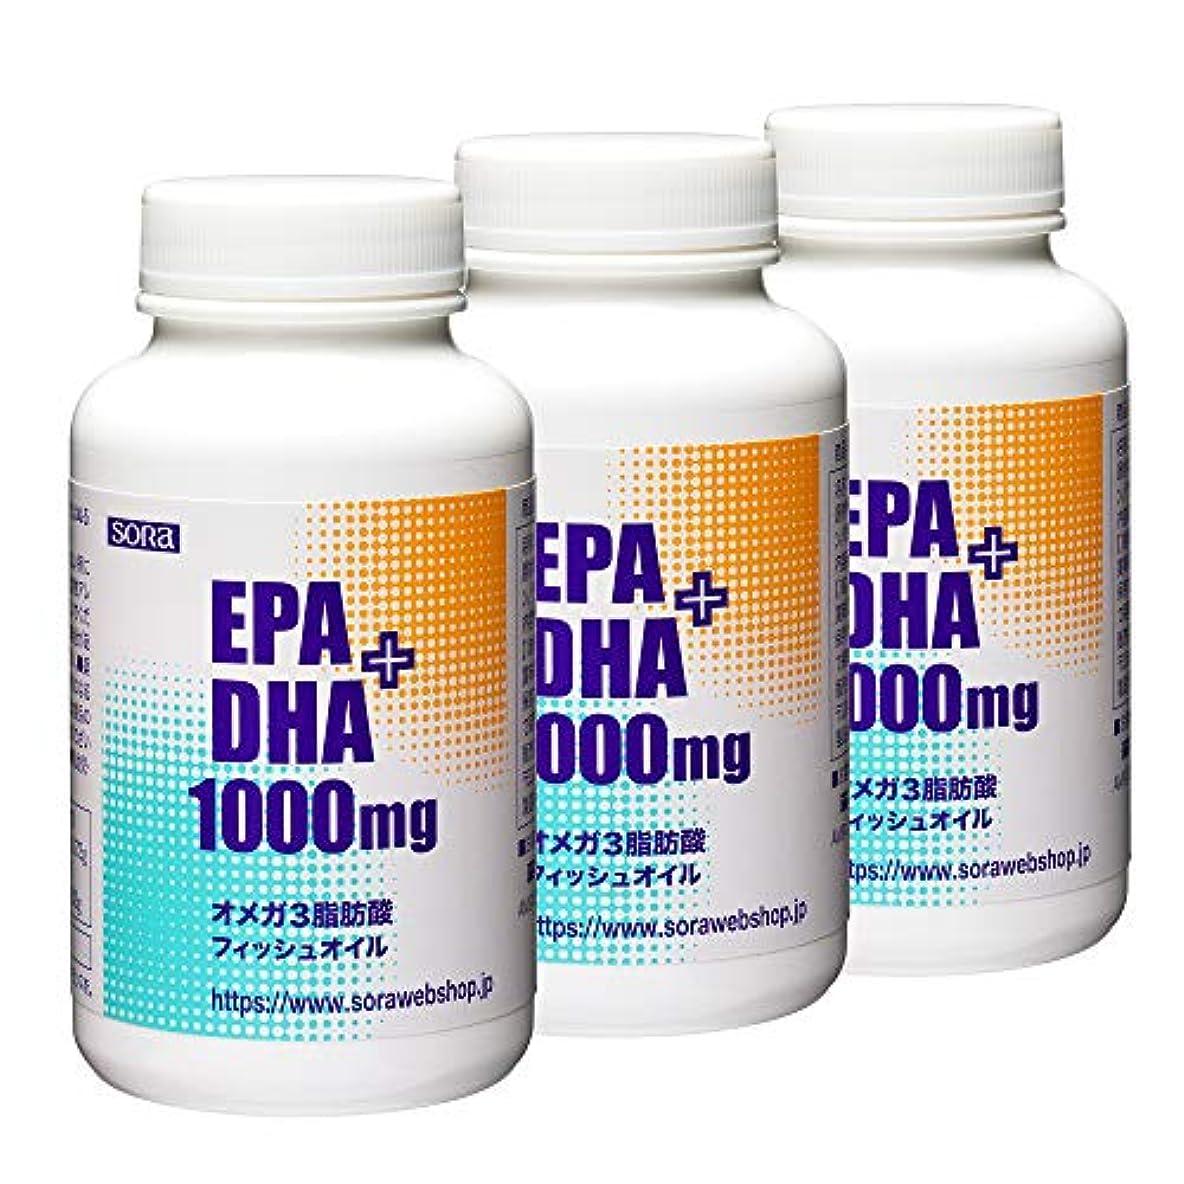 温かい伝える道を作る【まとめ買い】そら EPA+DHA 1000mg (魚のオイル オメガ3) 【180粒入 × 3本セット】[5% OFF]